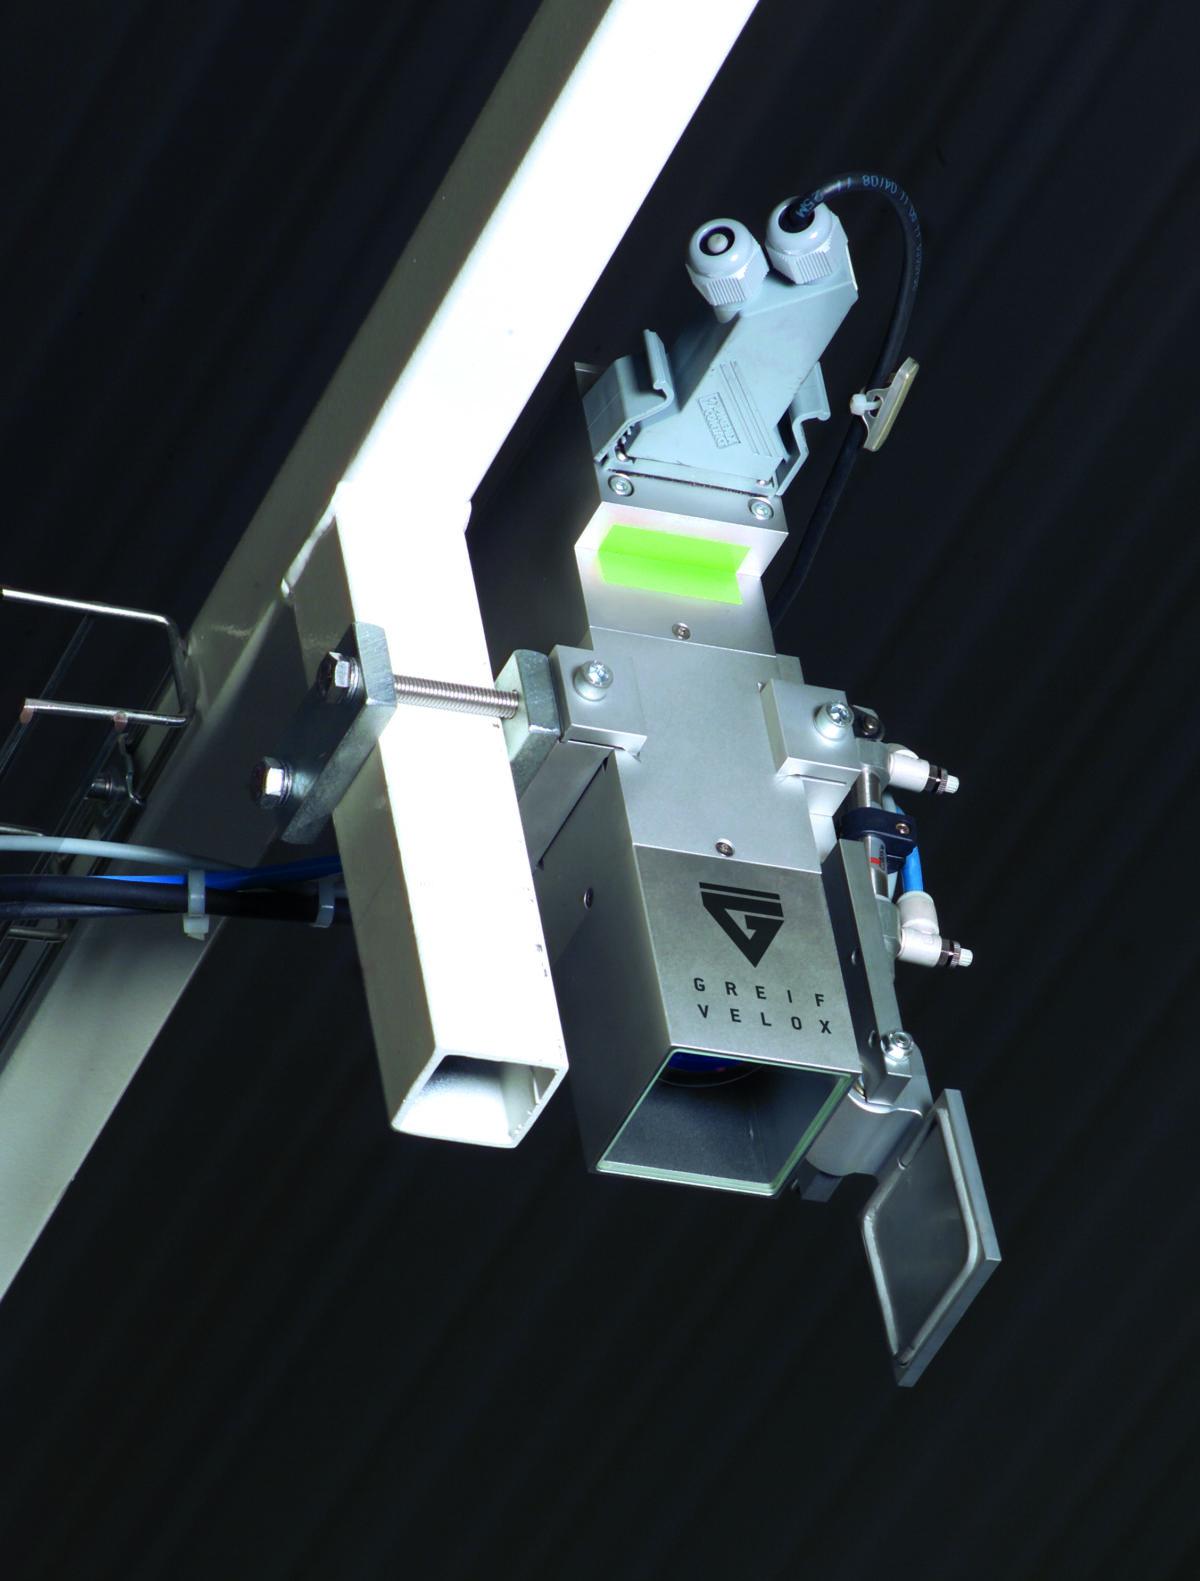 Diese Kamera wird für EX-Maschinen verwendet, deshalb ist eine Klappe vor der Kameralinse vorgesehen. (Bild: Studio12, Greif-Velox)